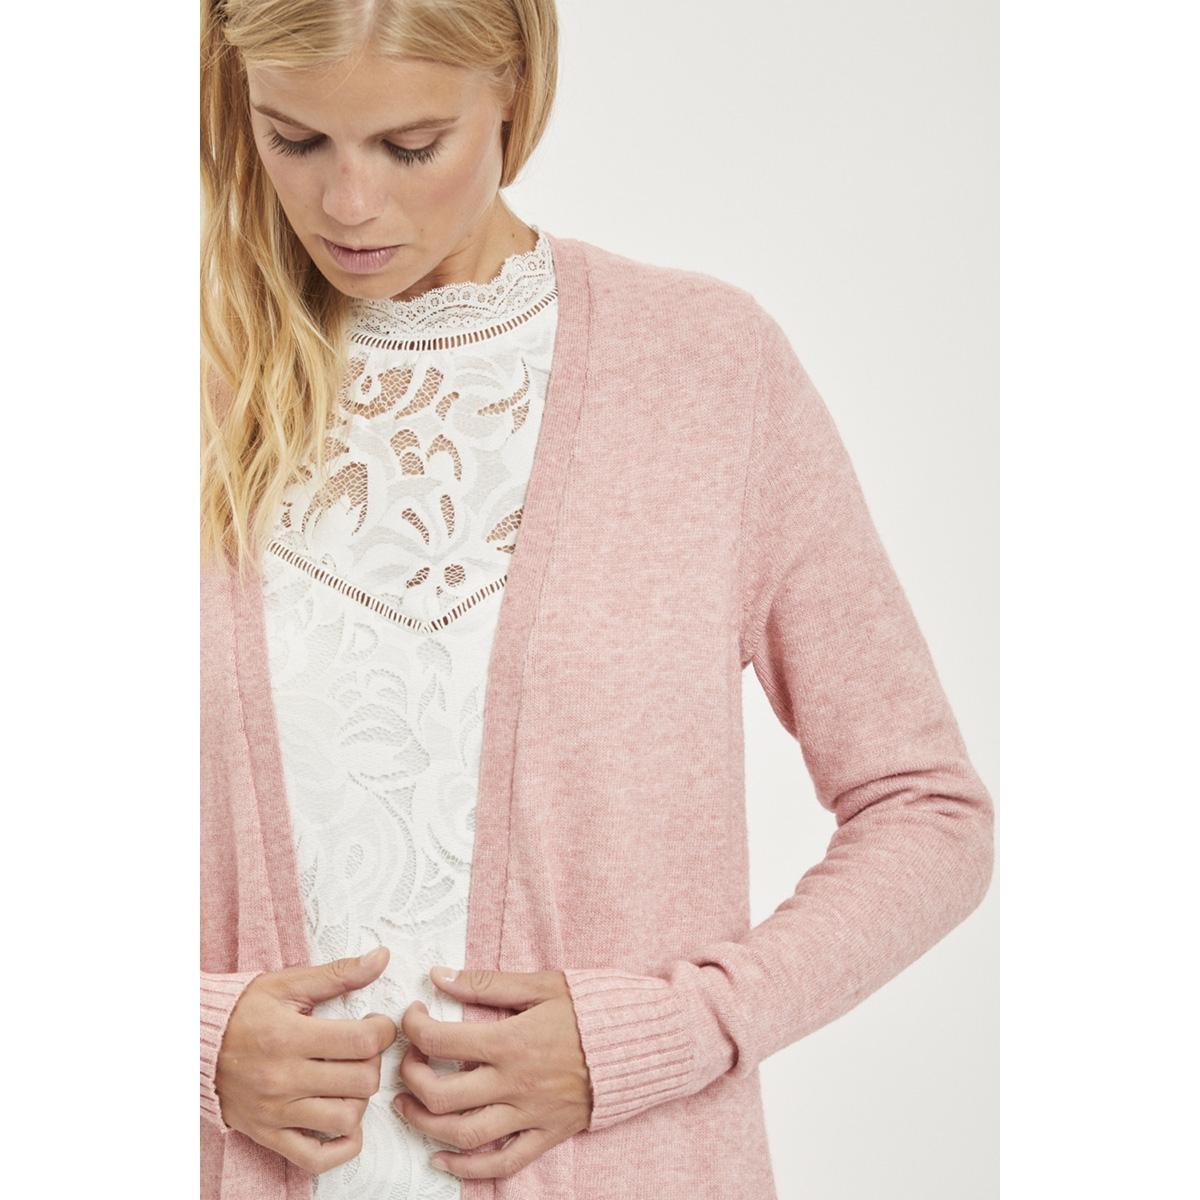 viril l/s long knit cardigan-noos 14042770 vila vest ash rose/melange